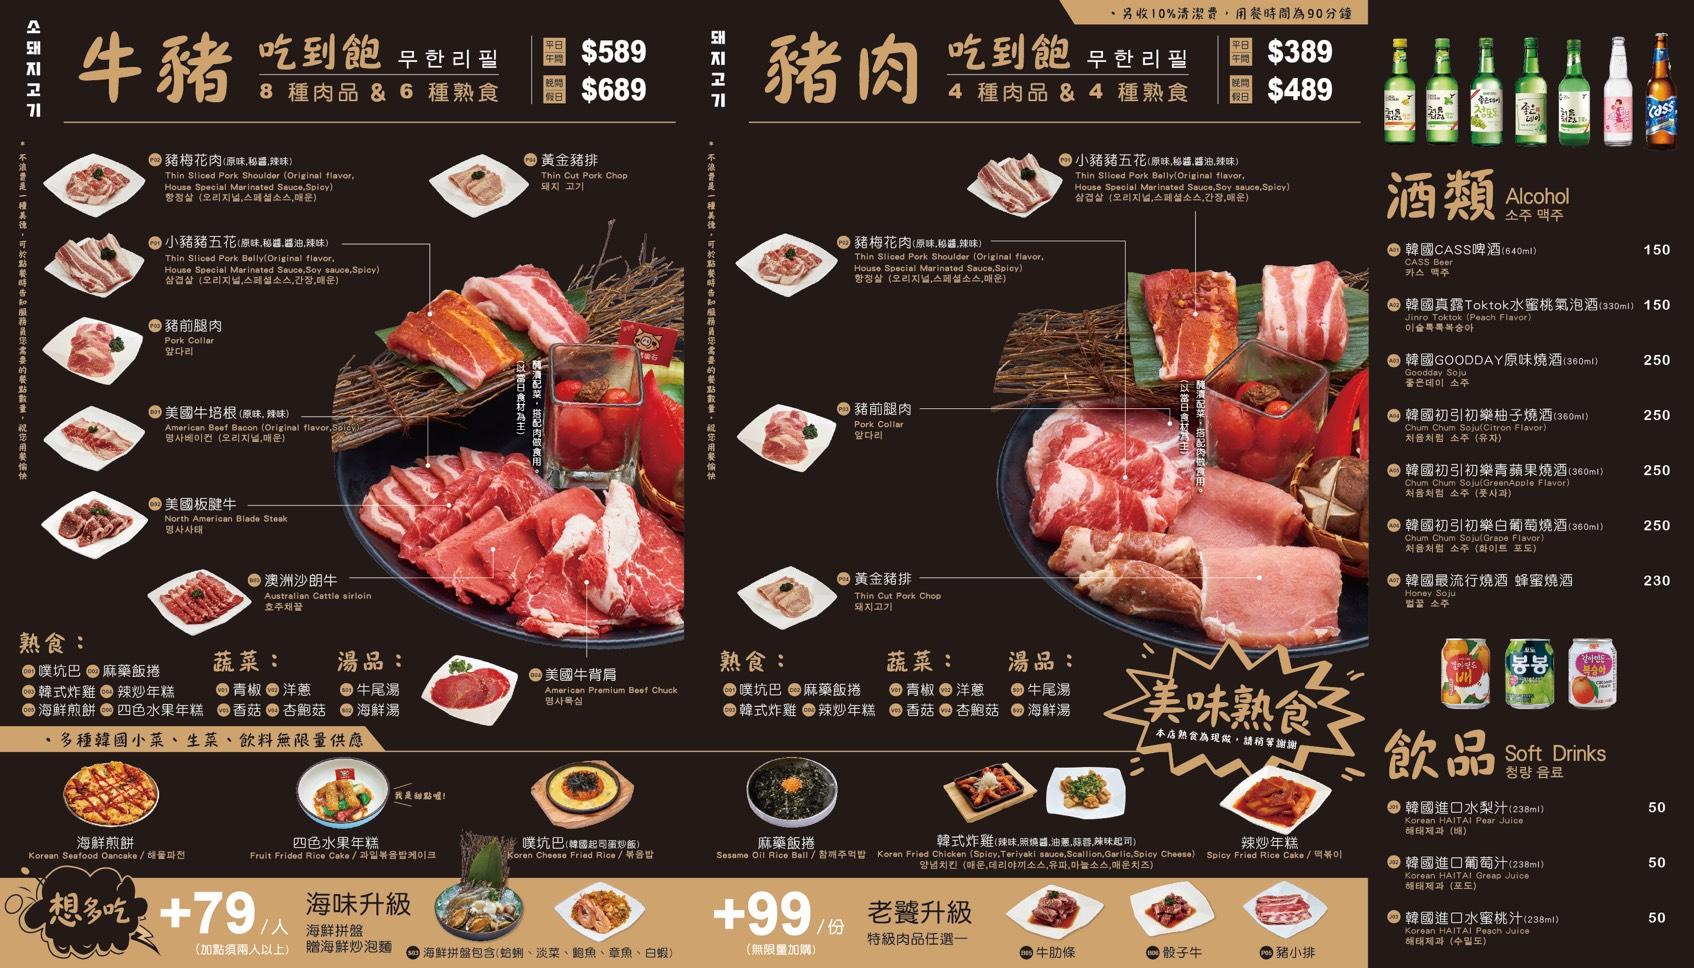 Menu | Piggy Stone 小豬樂石韓式烤肉。東湖必吃韓國烤肉吃到飽,最便宜一人只要320元! @蹦啾♥謝蘿莉 La vie heureuse